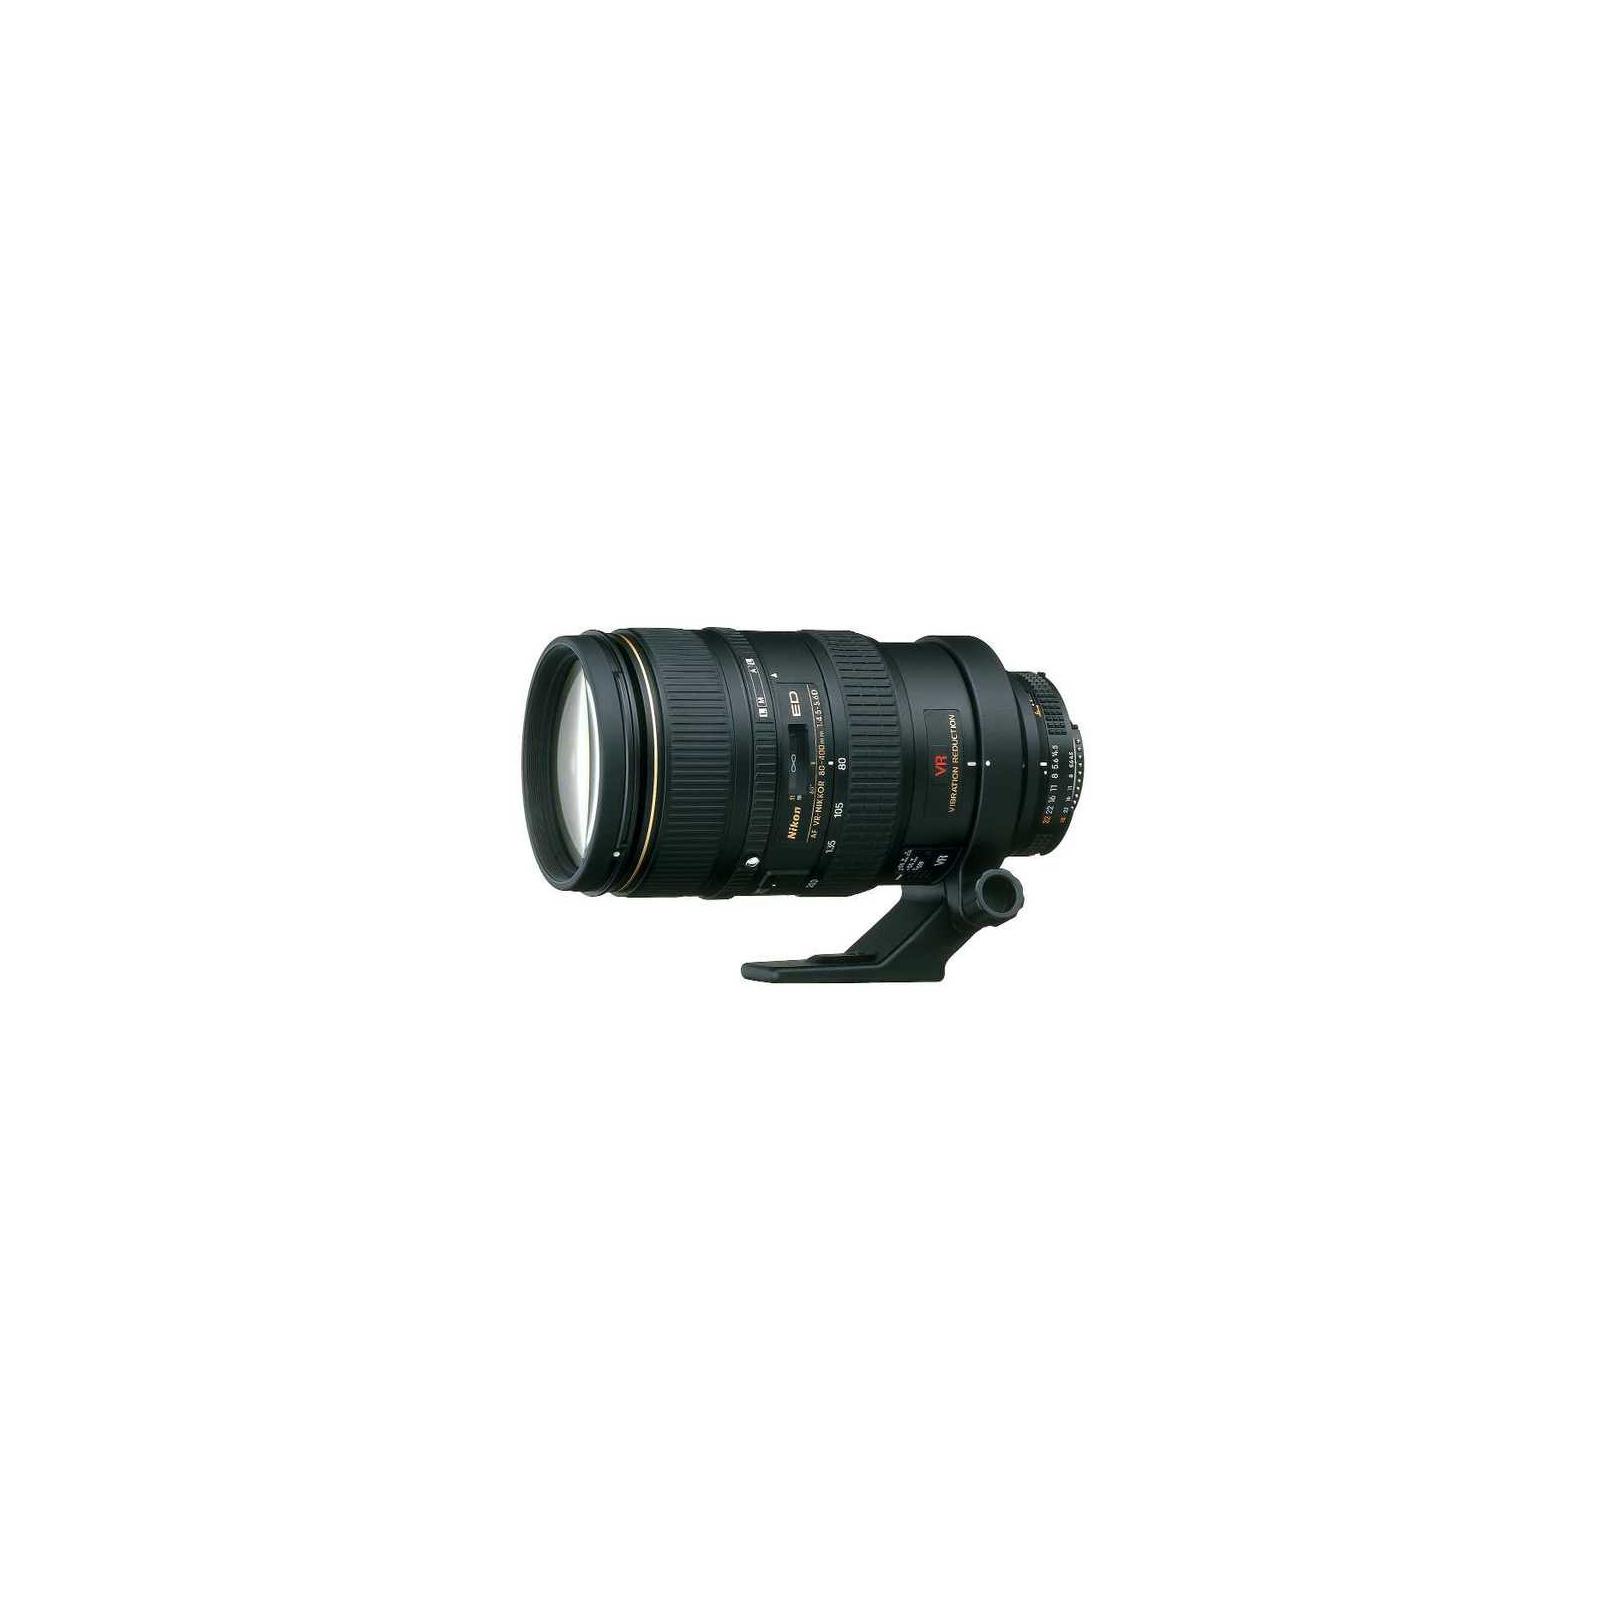 Объектив Nikon AF VR 80-400 / 4.5-5.6 D (JAA771DA)